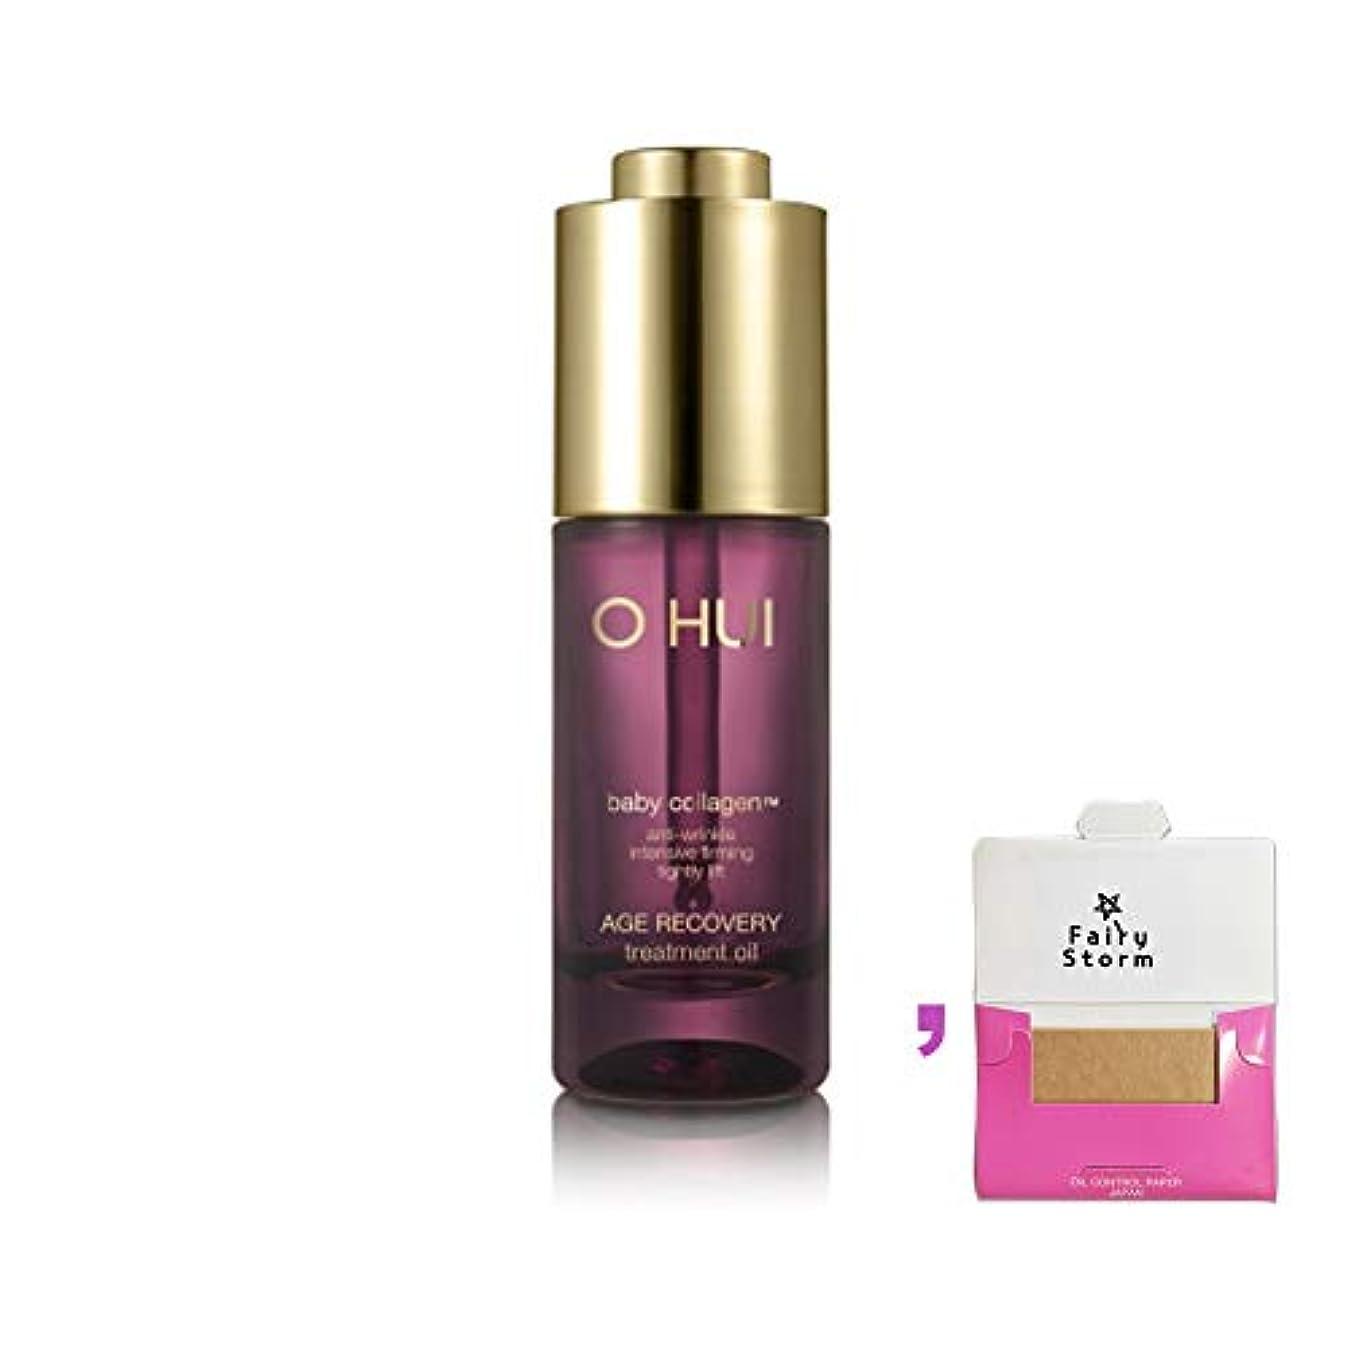 ホップ財産疫病[オフィ/ O HUI]韓国化粧品 LG生活健康/オフィ エイジ リカバリー トリートメント オイル/O HUI AGE RECOVERY TREATMENT OIL 30ml+ [Sample Gift](海外直送品)